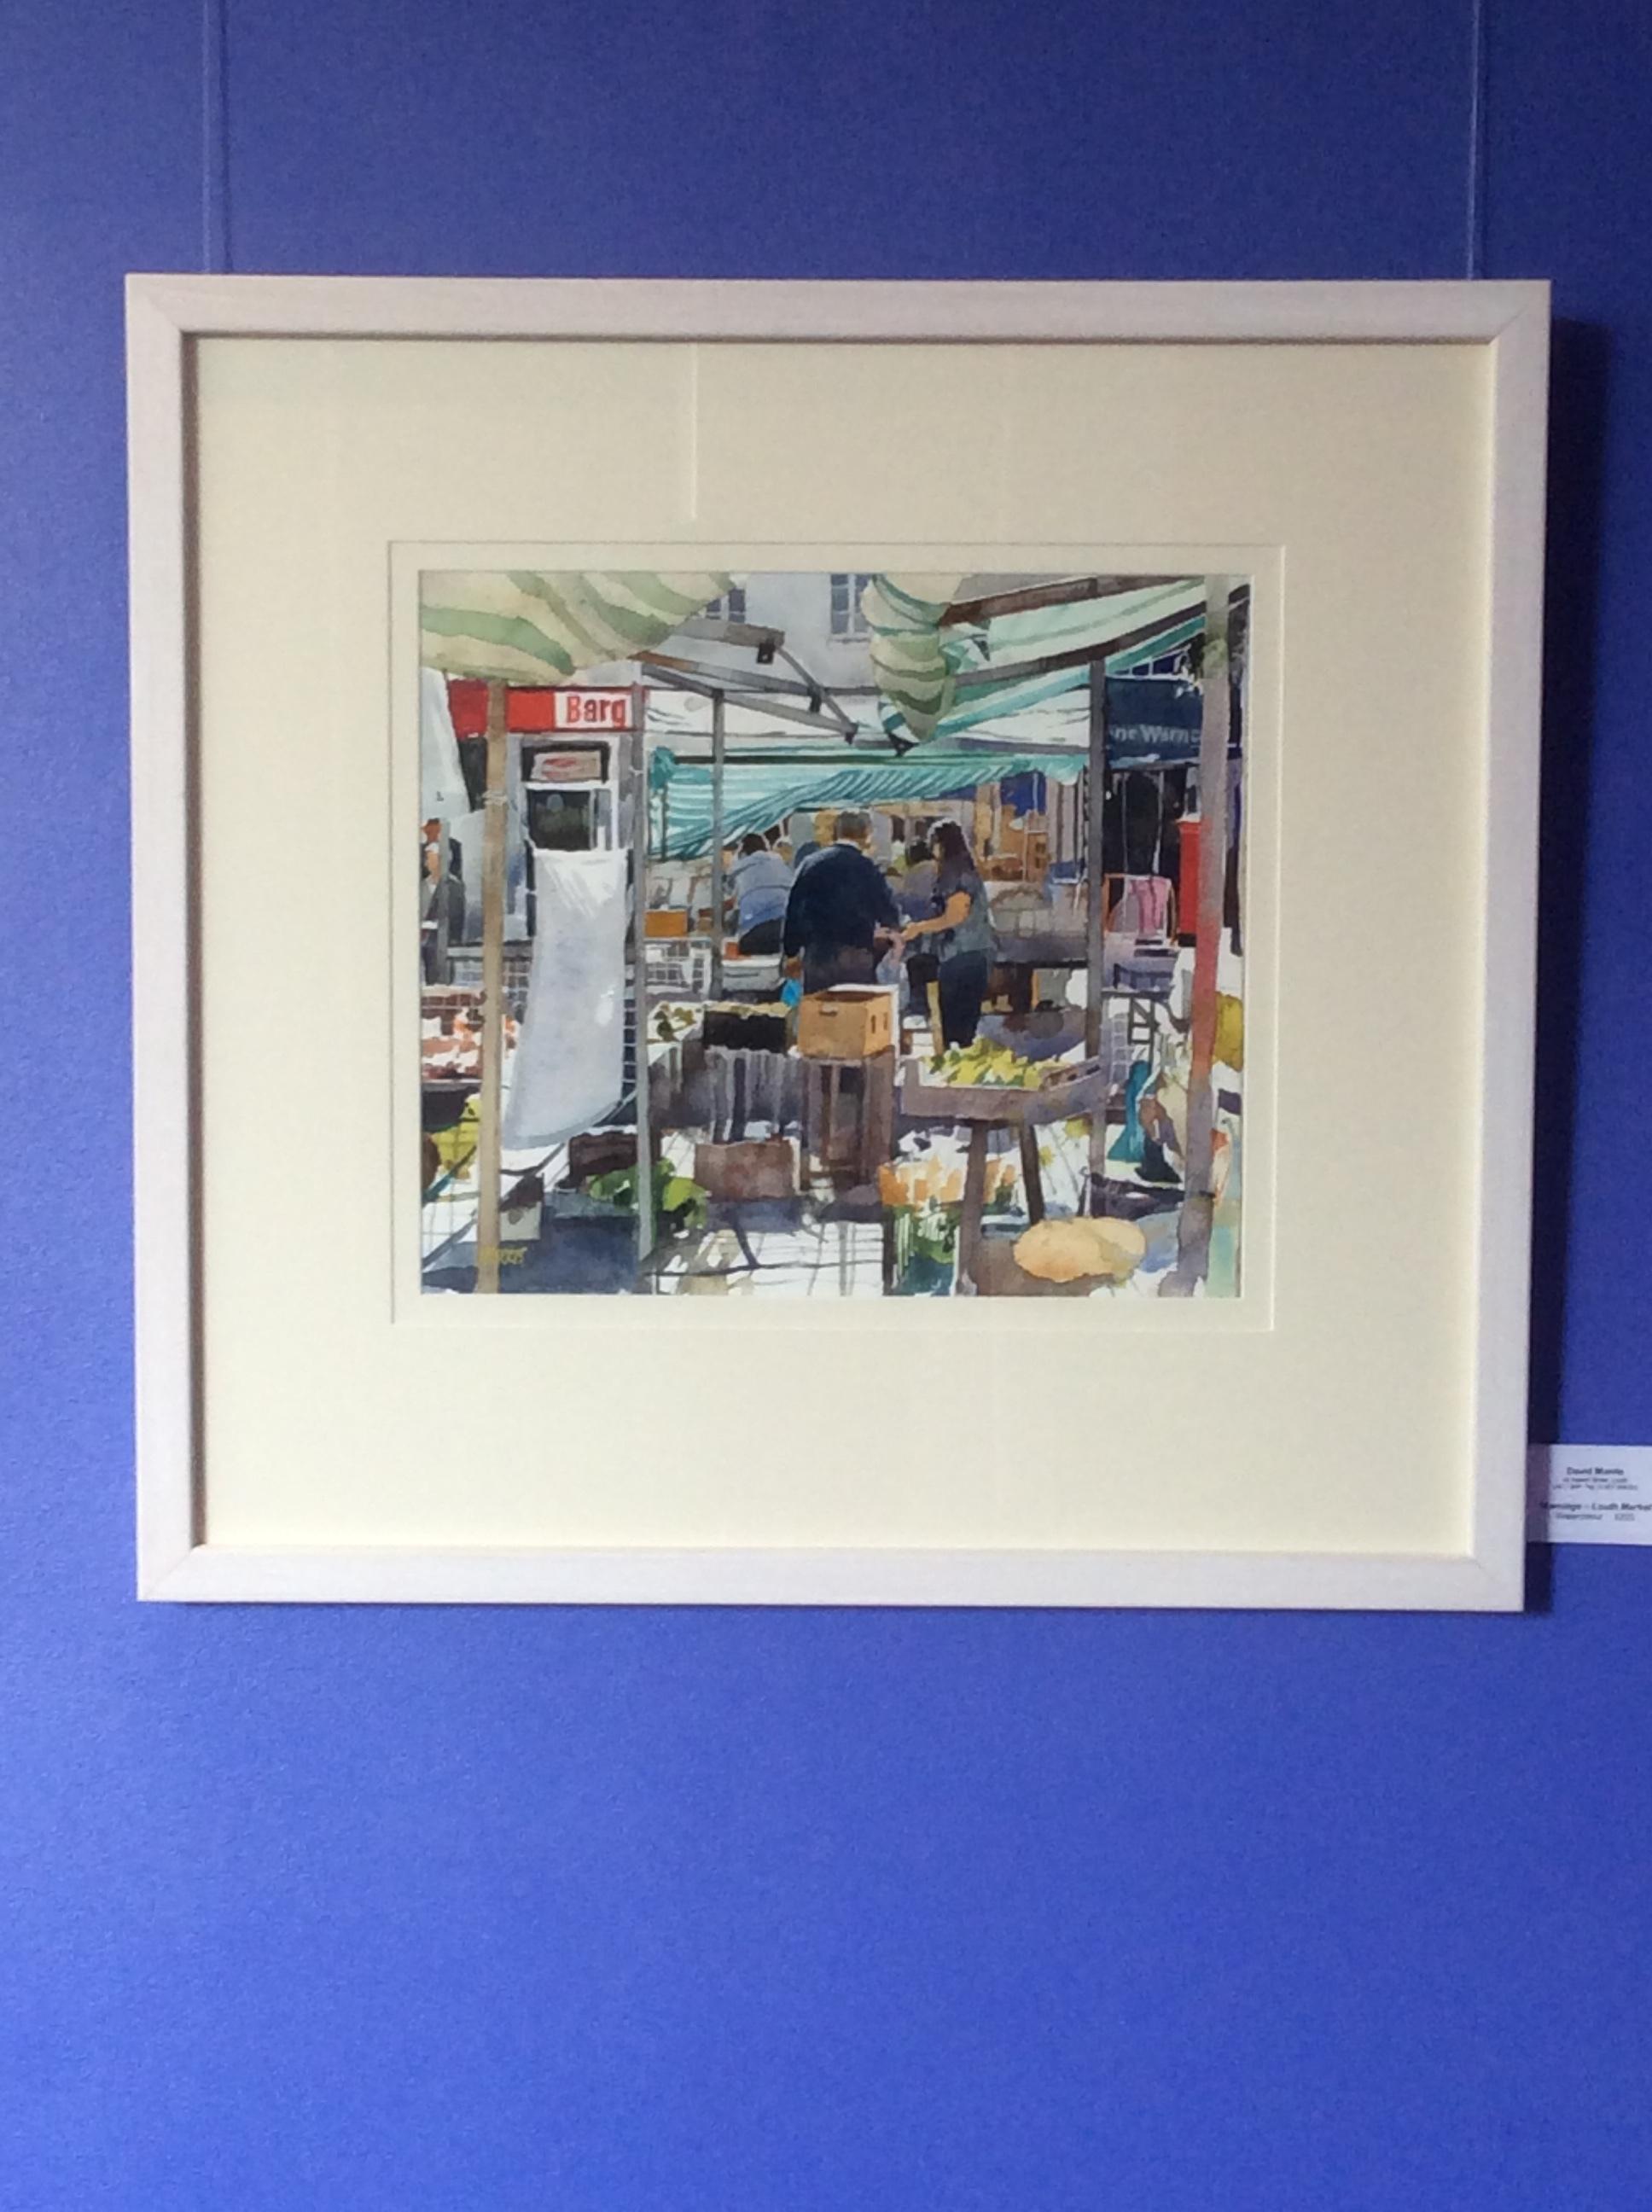 Awnings Louth Market - David Morris